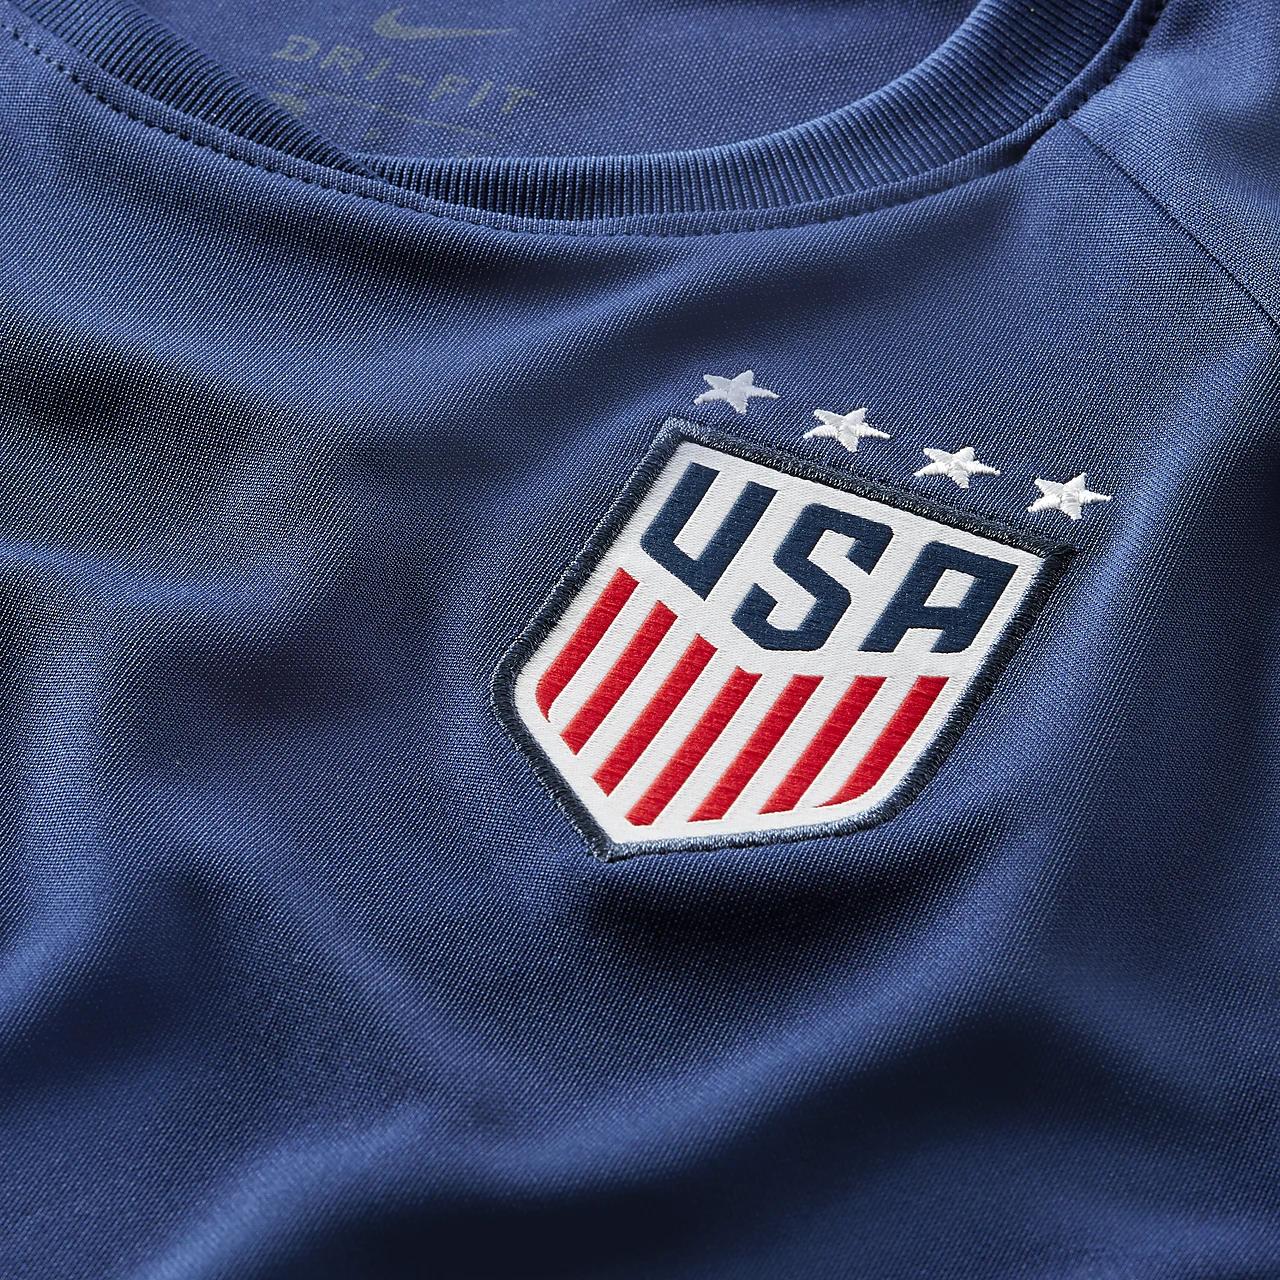 미국 여자 축구 톱 CT7641-421